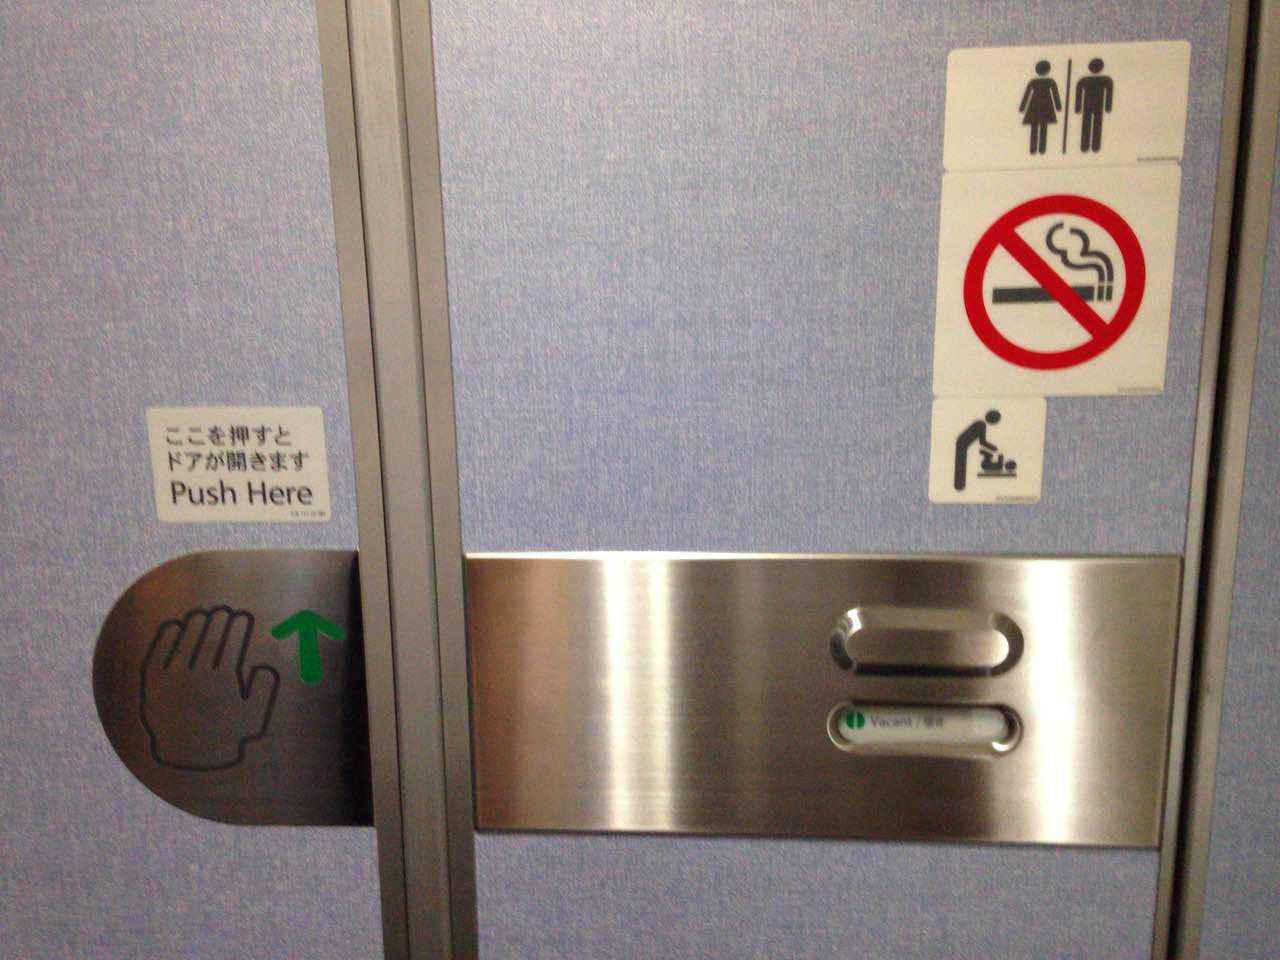 飛行機でトイレに行くときのマナー!トイレの正しい使い方やメイク直しに使っていい時間帯